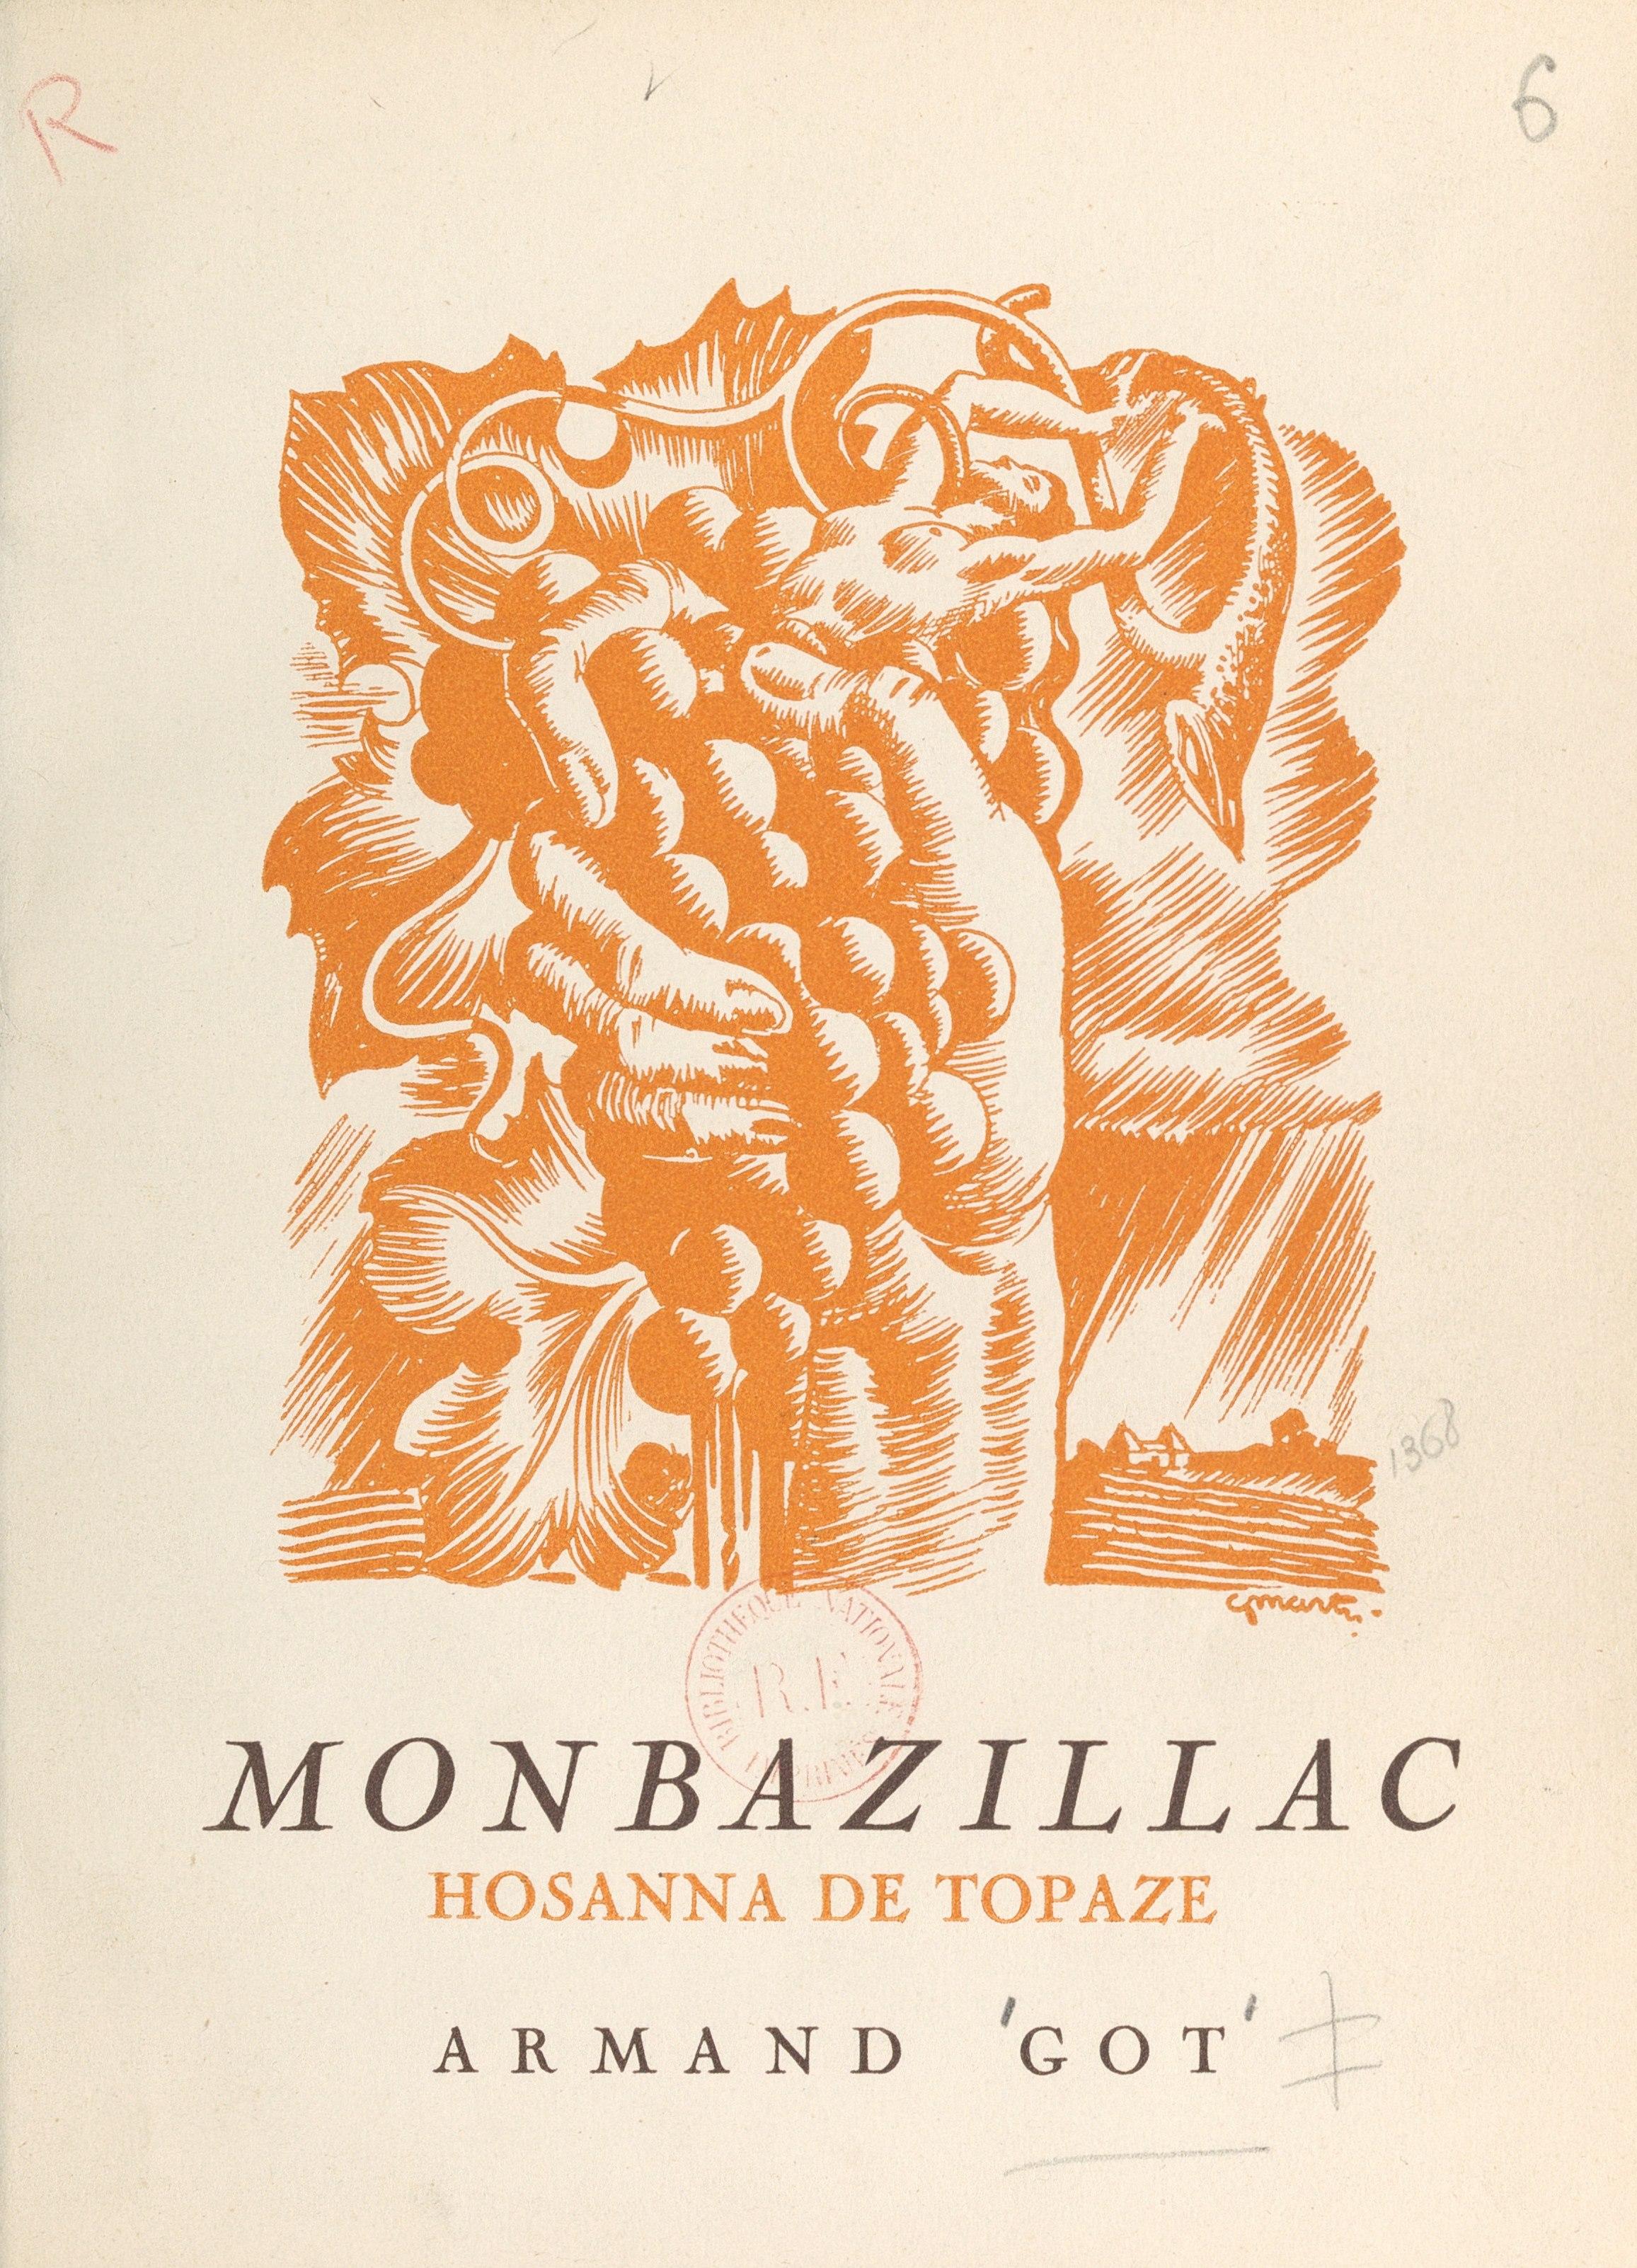 Monbazillac, hosanna de topaze